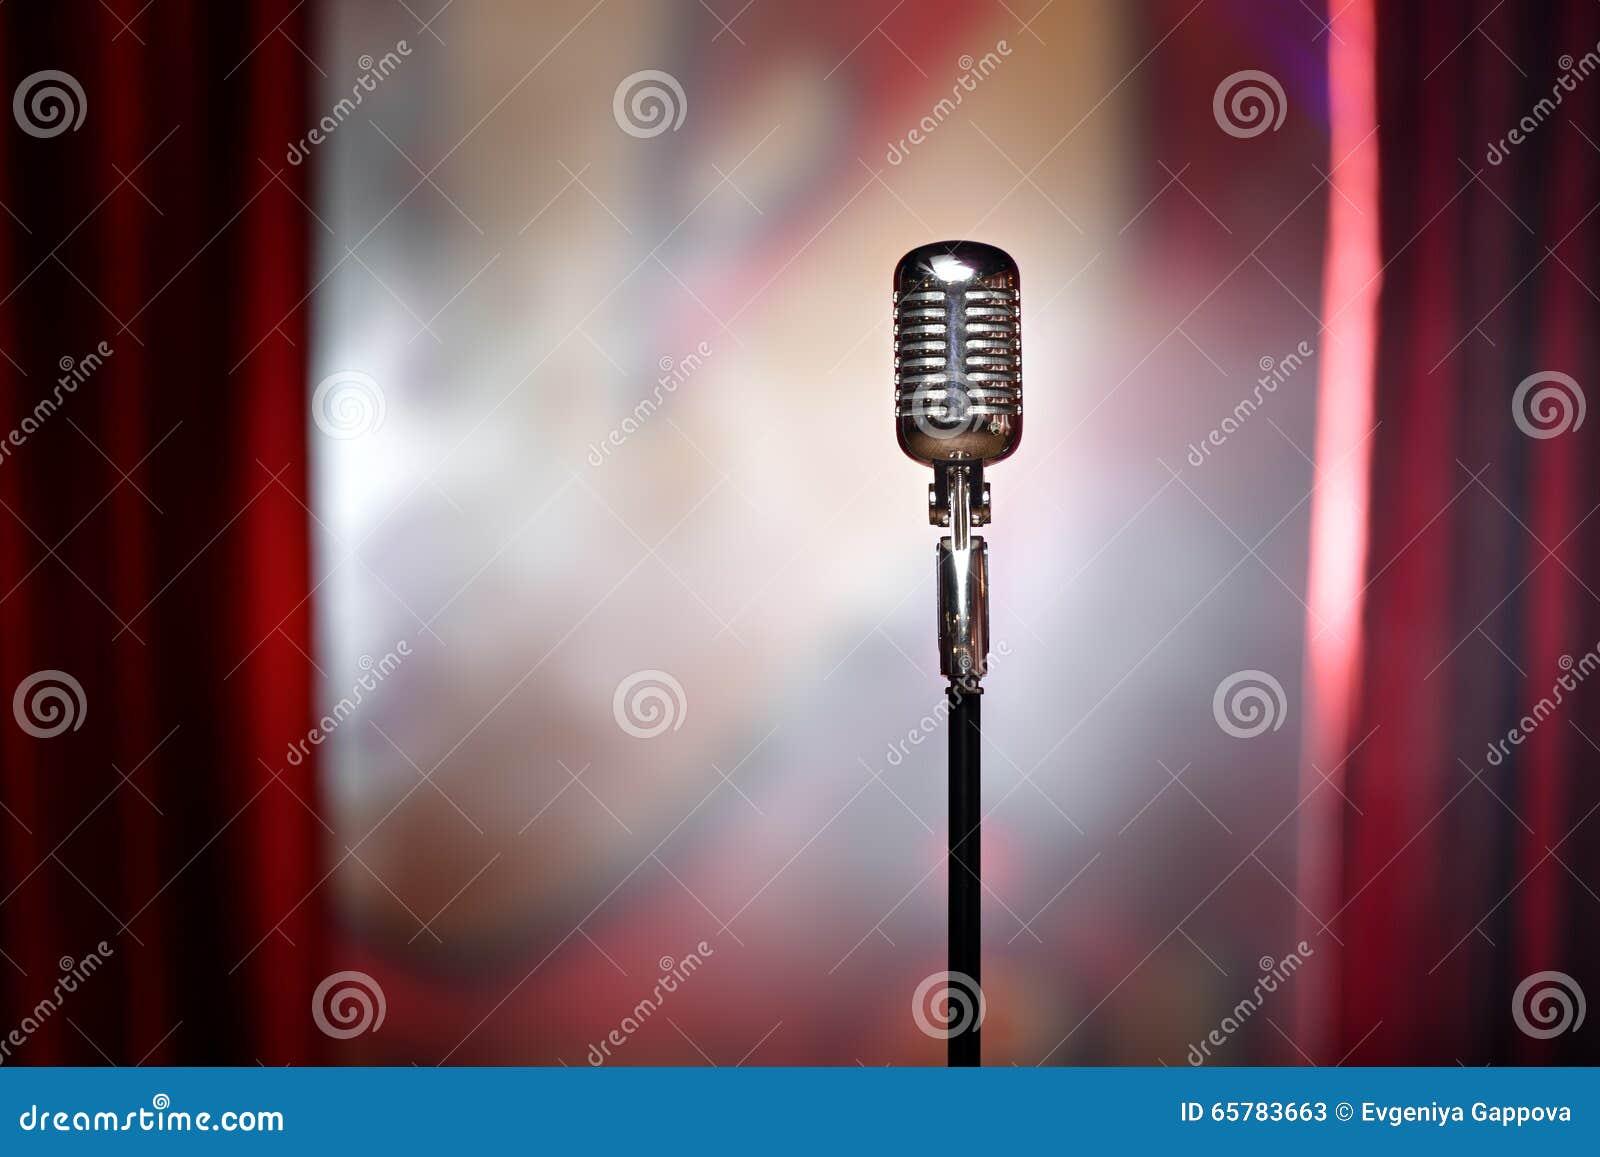 Microfono Retro Y Cortina Roja Imagen De Archivo Imagen De Cable